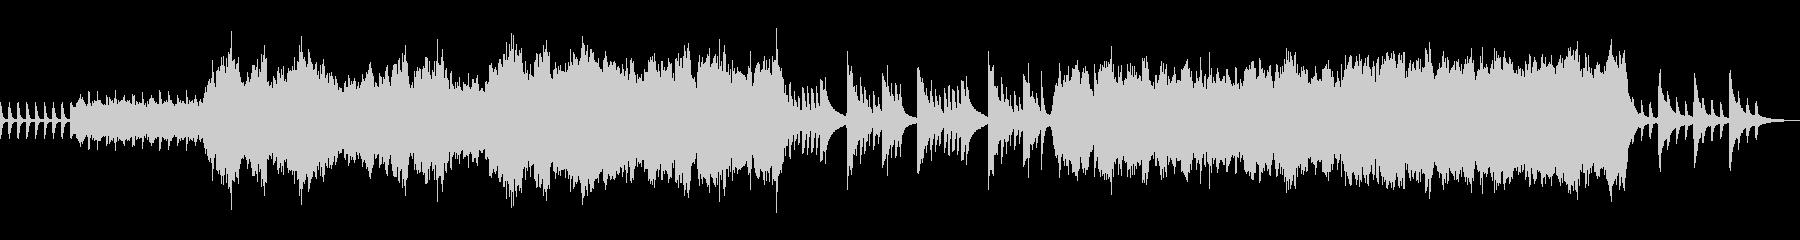 ピアノメロディー。クレッシェンド。の未再生の波形